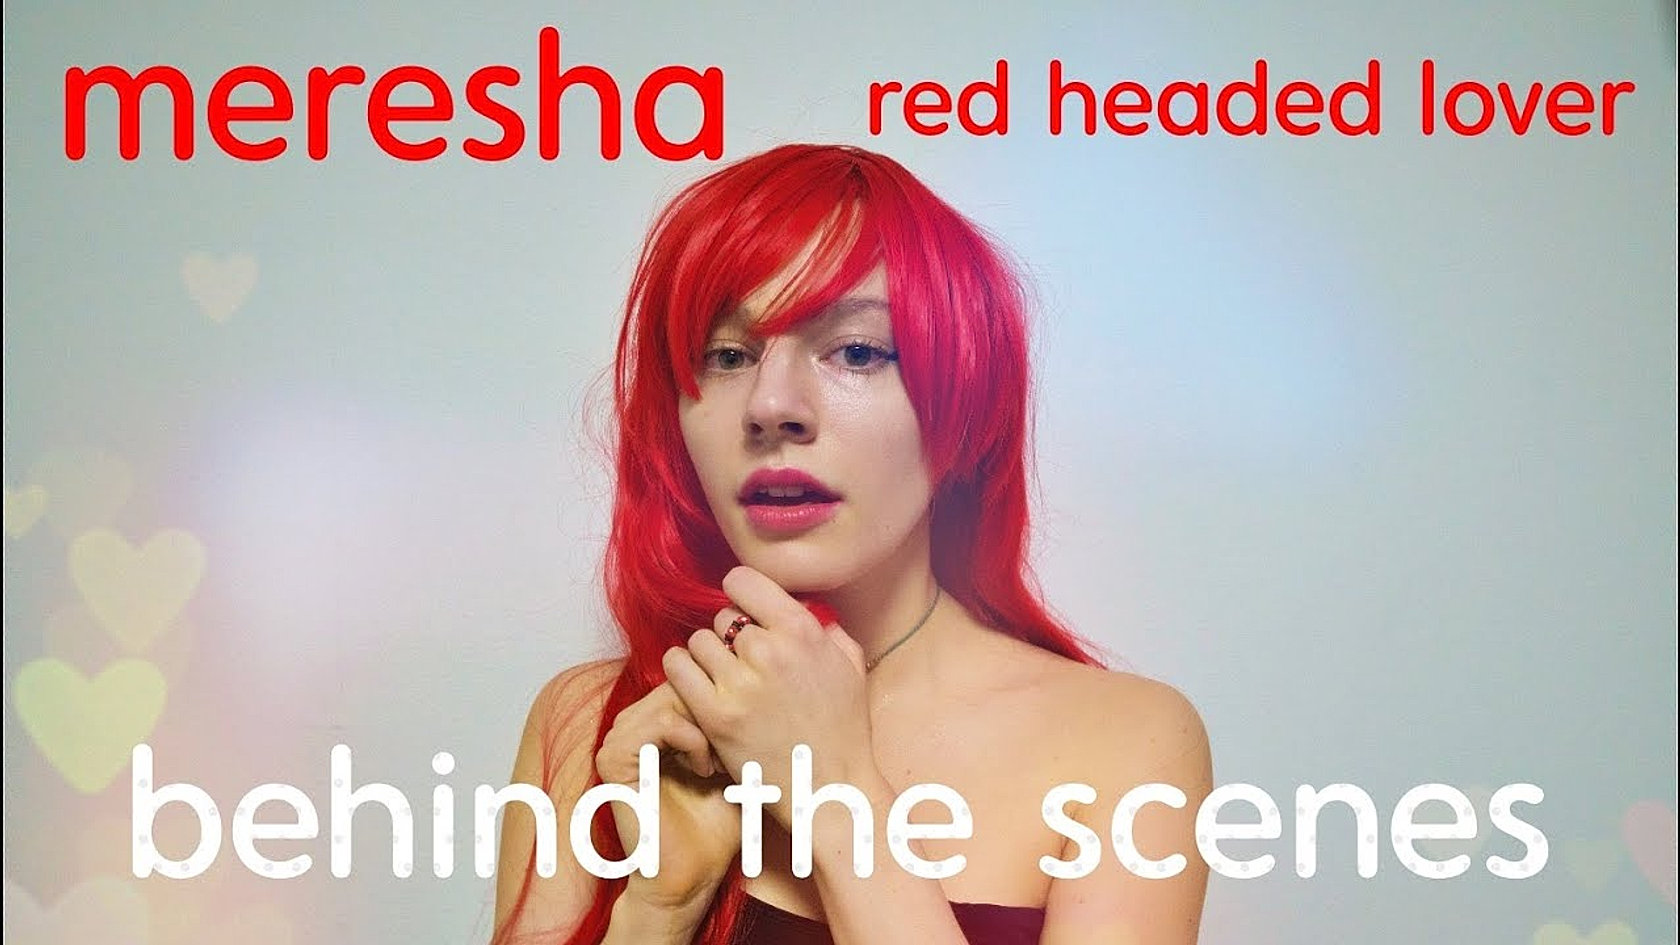 Meresha